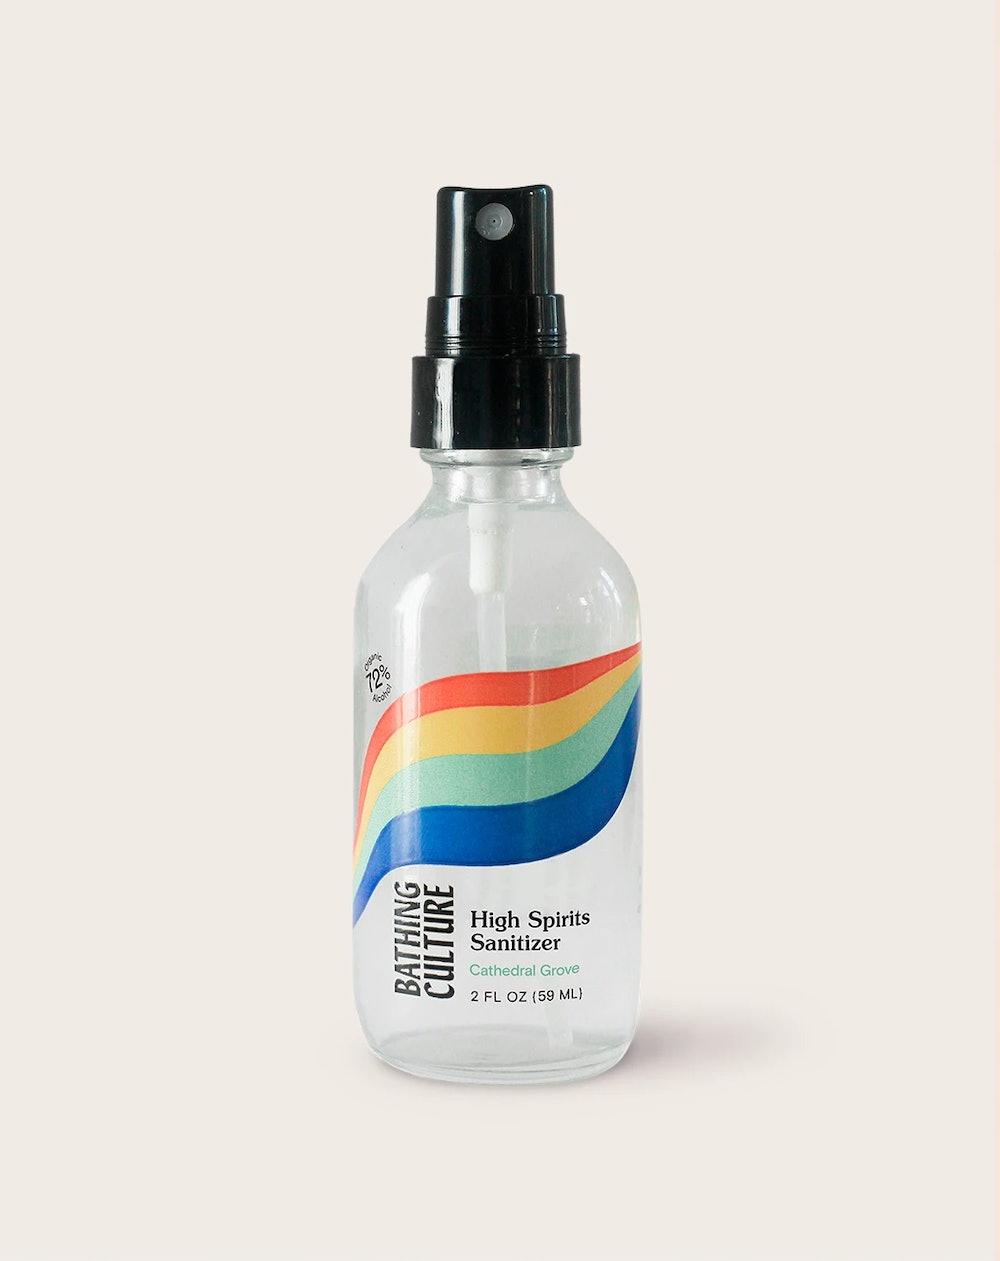 High Spirits Sanitizer